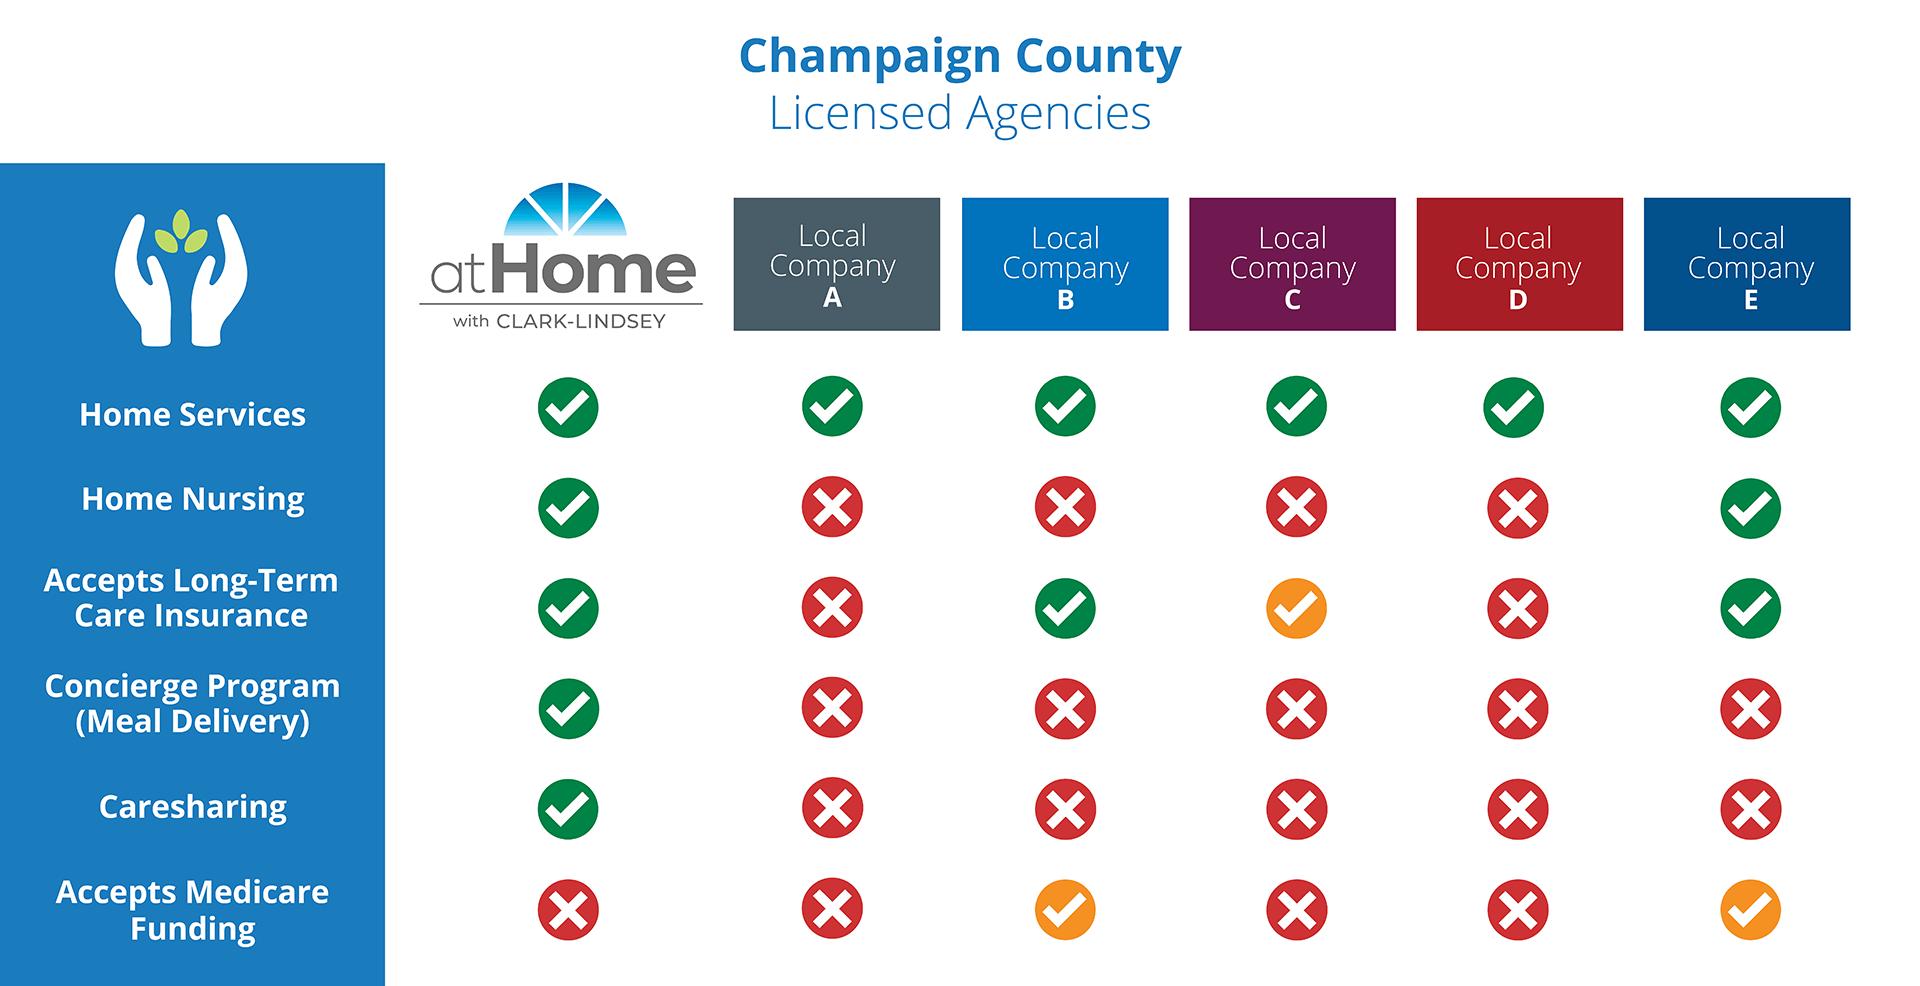 Champaign County Agencies Comparison